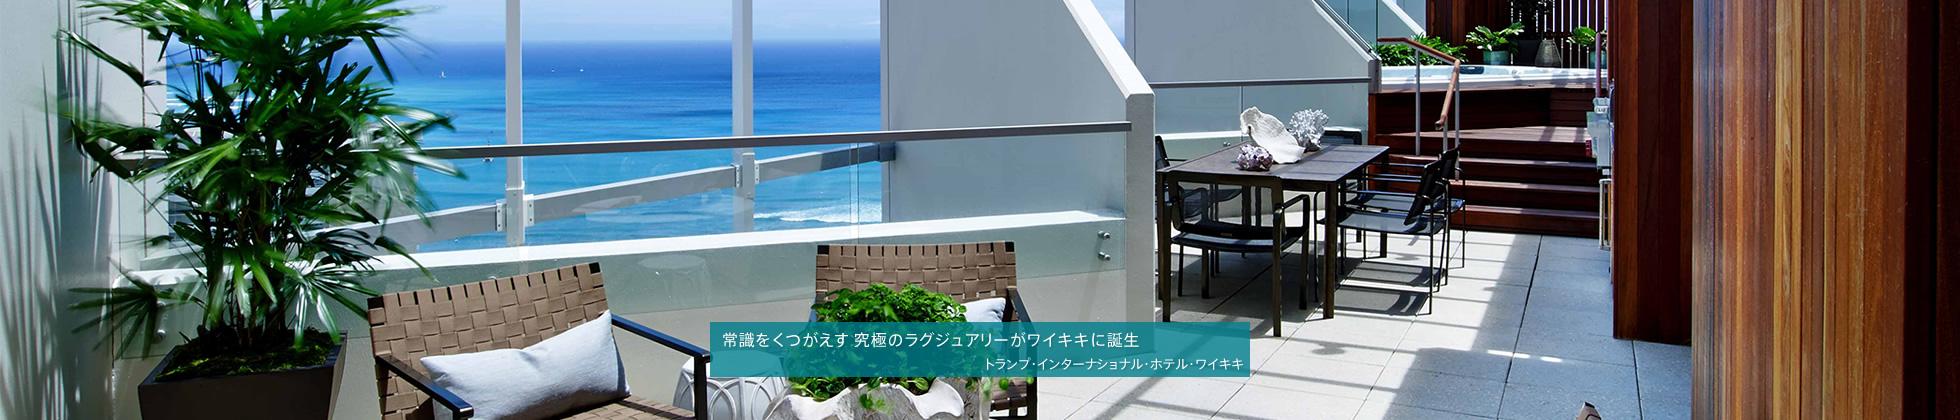 トランプ・インターナショナル・ホテル・ワイキキ・ビーチ・ウォーク